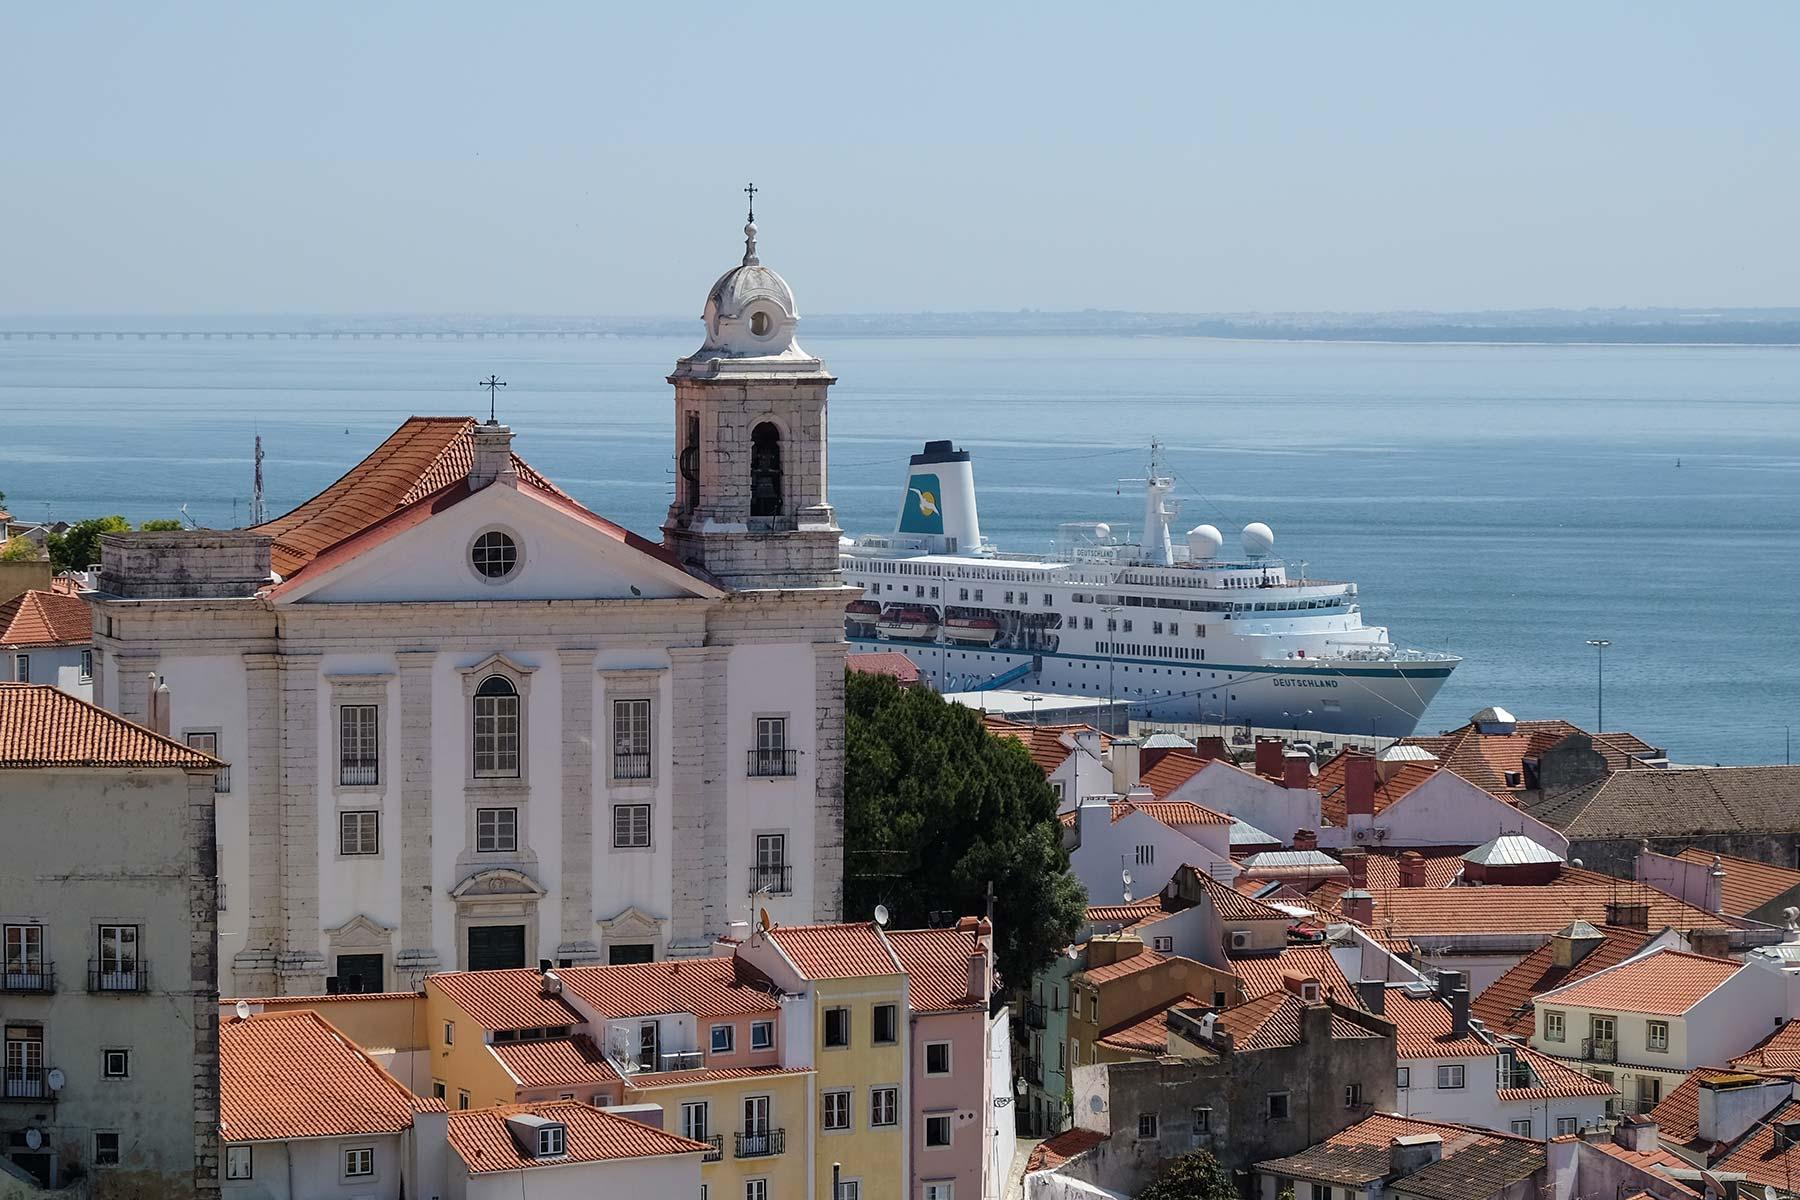 Blick vom Aussichtspunkt Miradouro de Santa Luzia in Lissabon, Portugal